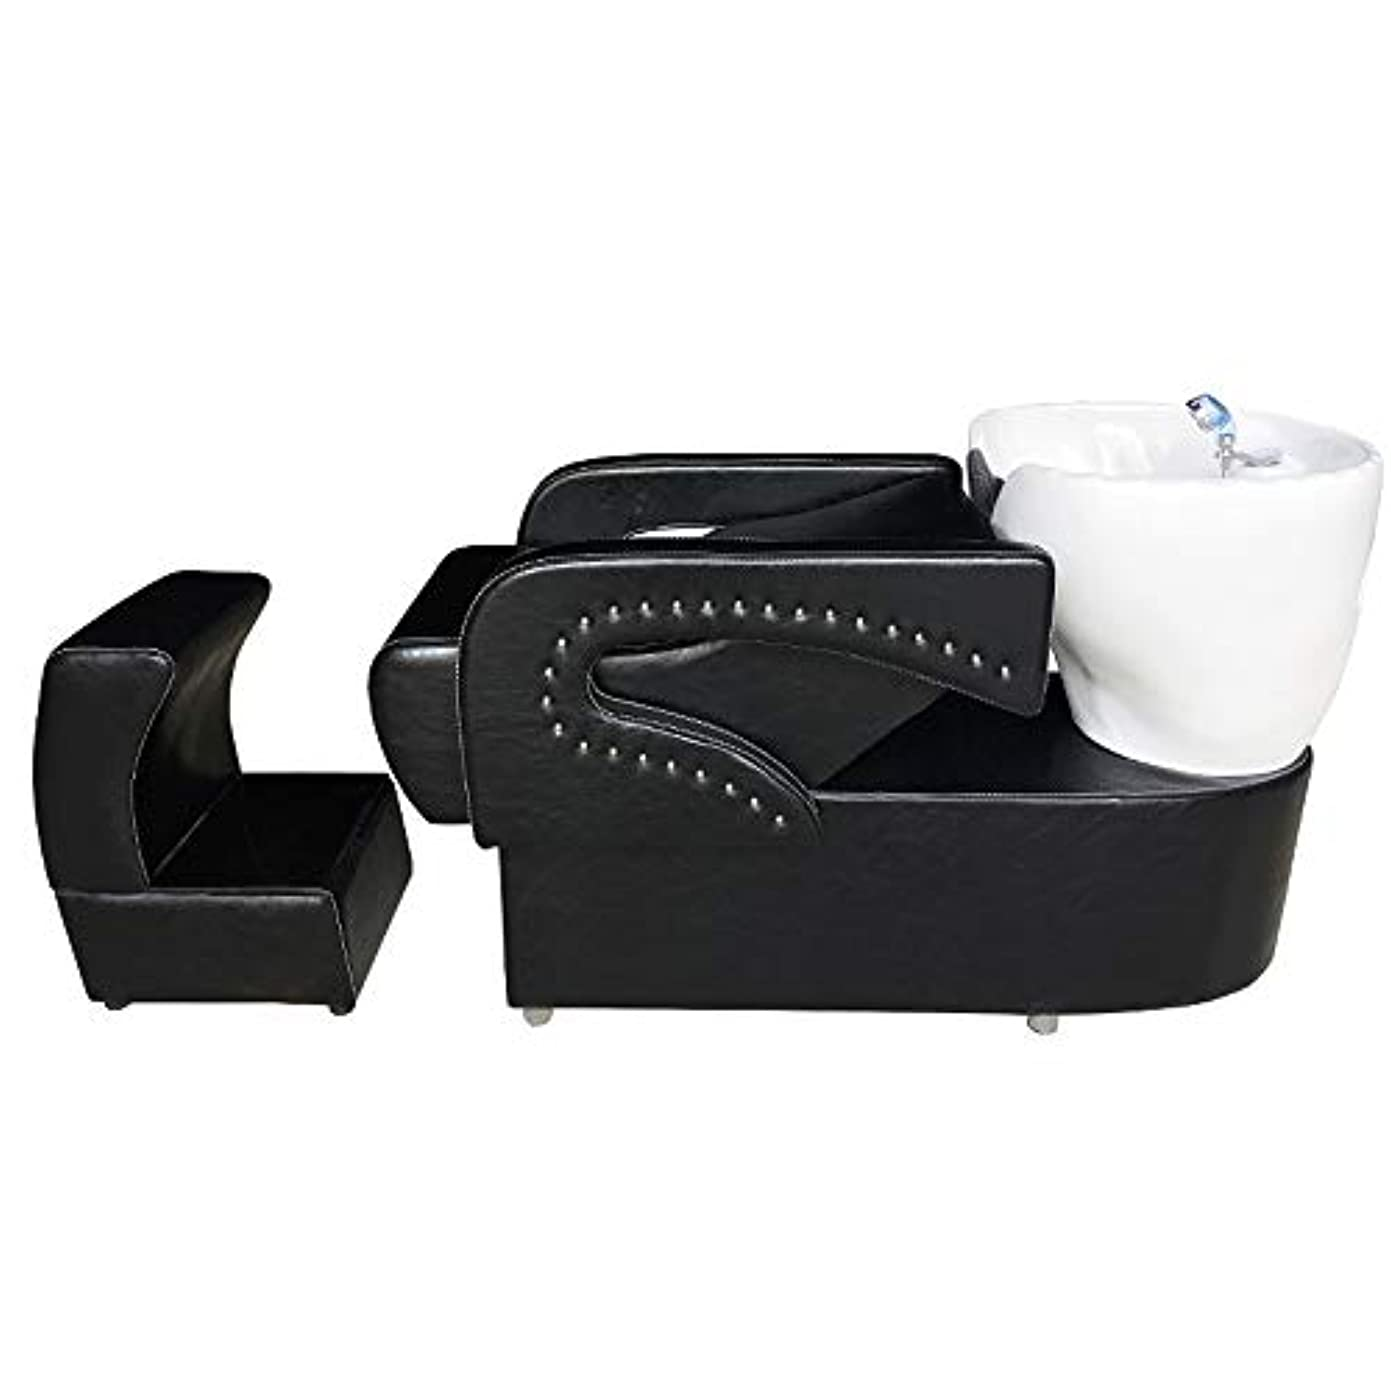 分析遊具特許シャンプーの理髪師の逆洗の椅子、鉱泉の美容院のためのシャンプーボールの流しの椅子は半くぼみのフラッシュベッドを流します